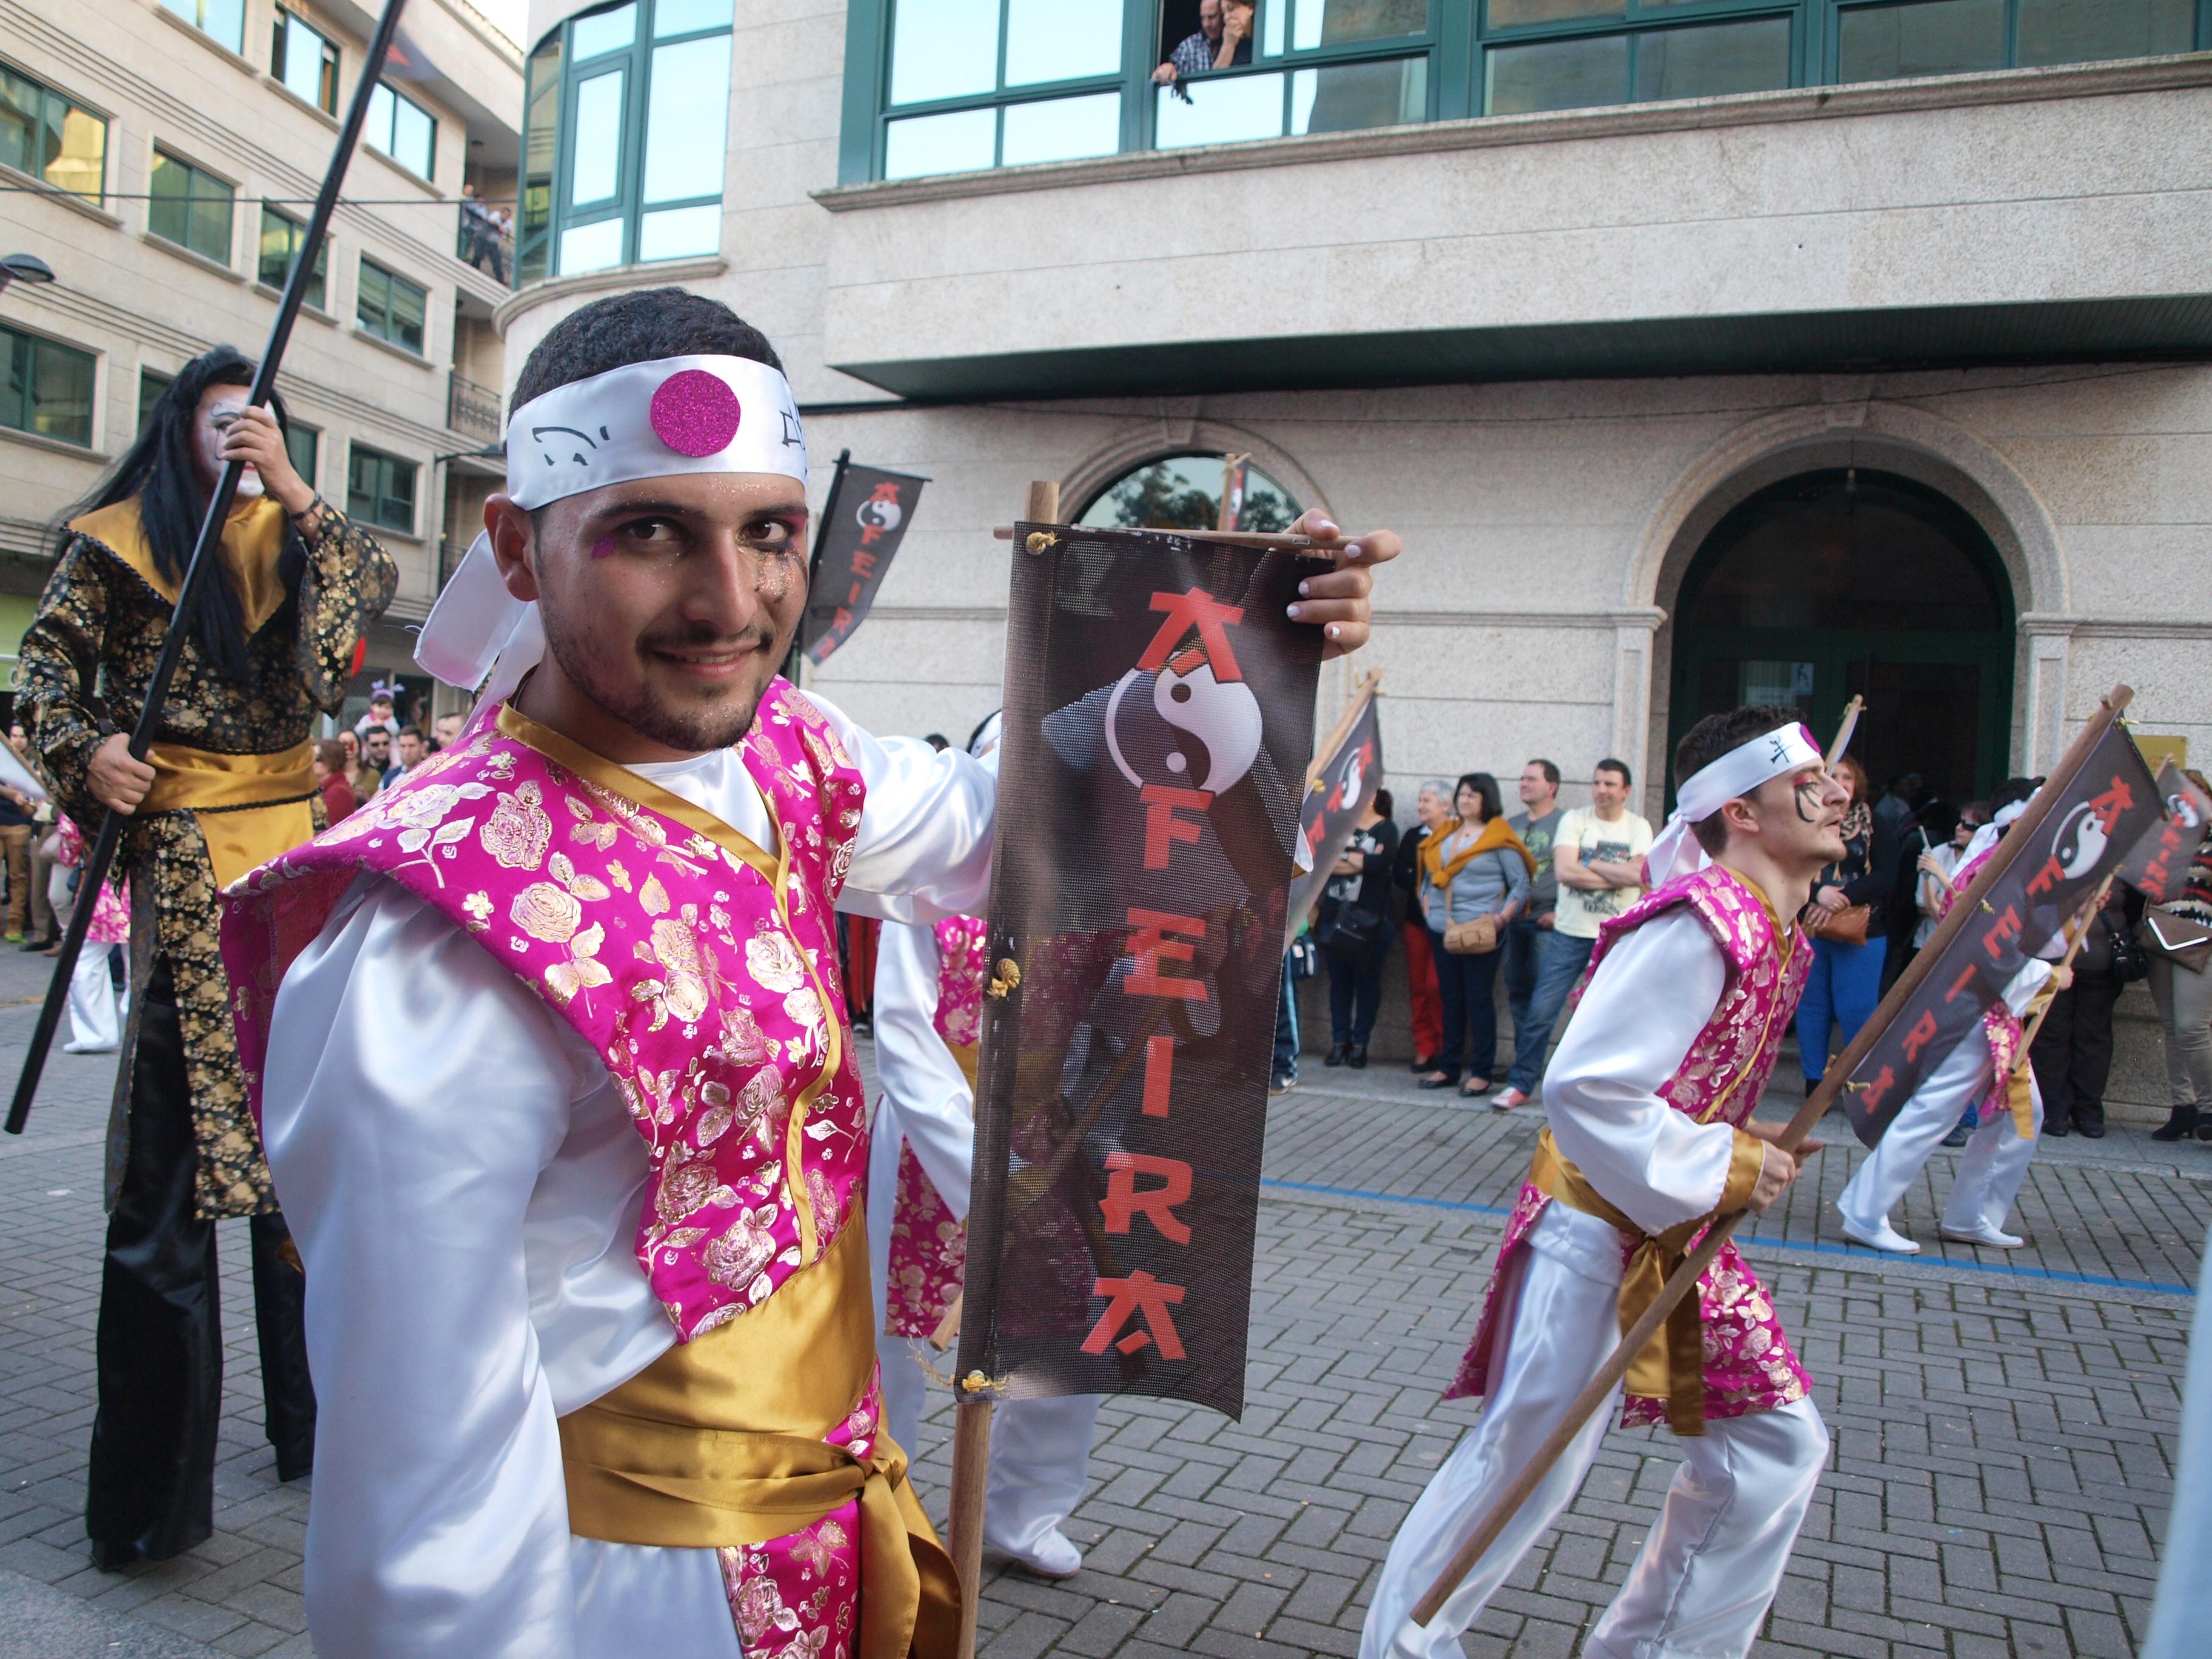 Comparsa de Carnaval en Salceda de Caselas | Sara P. Seijo